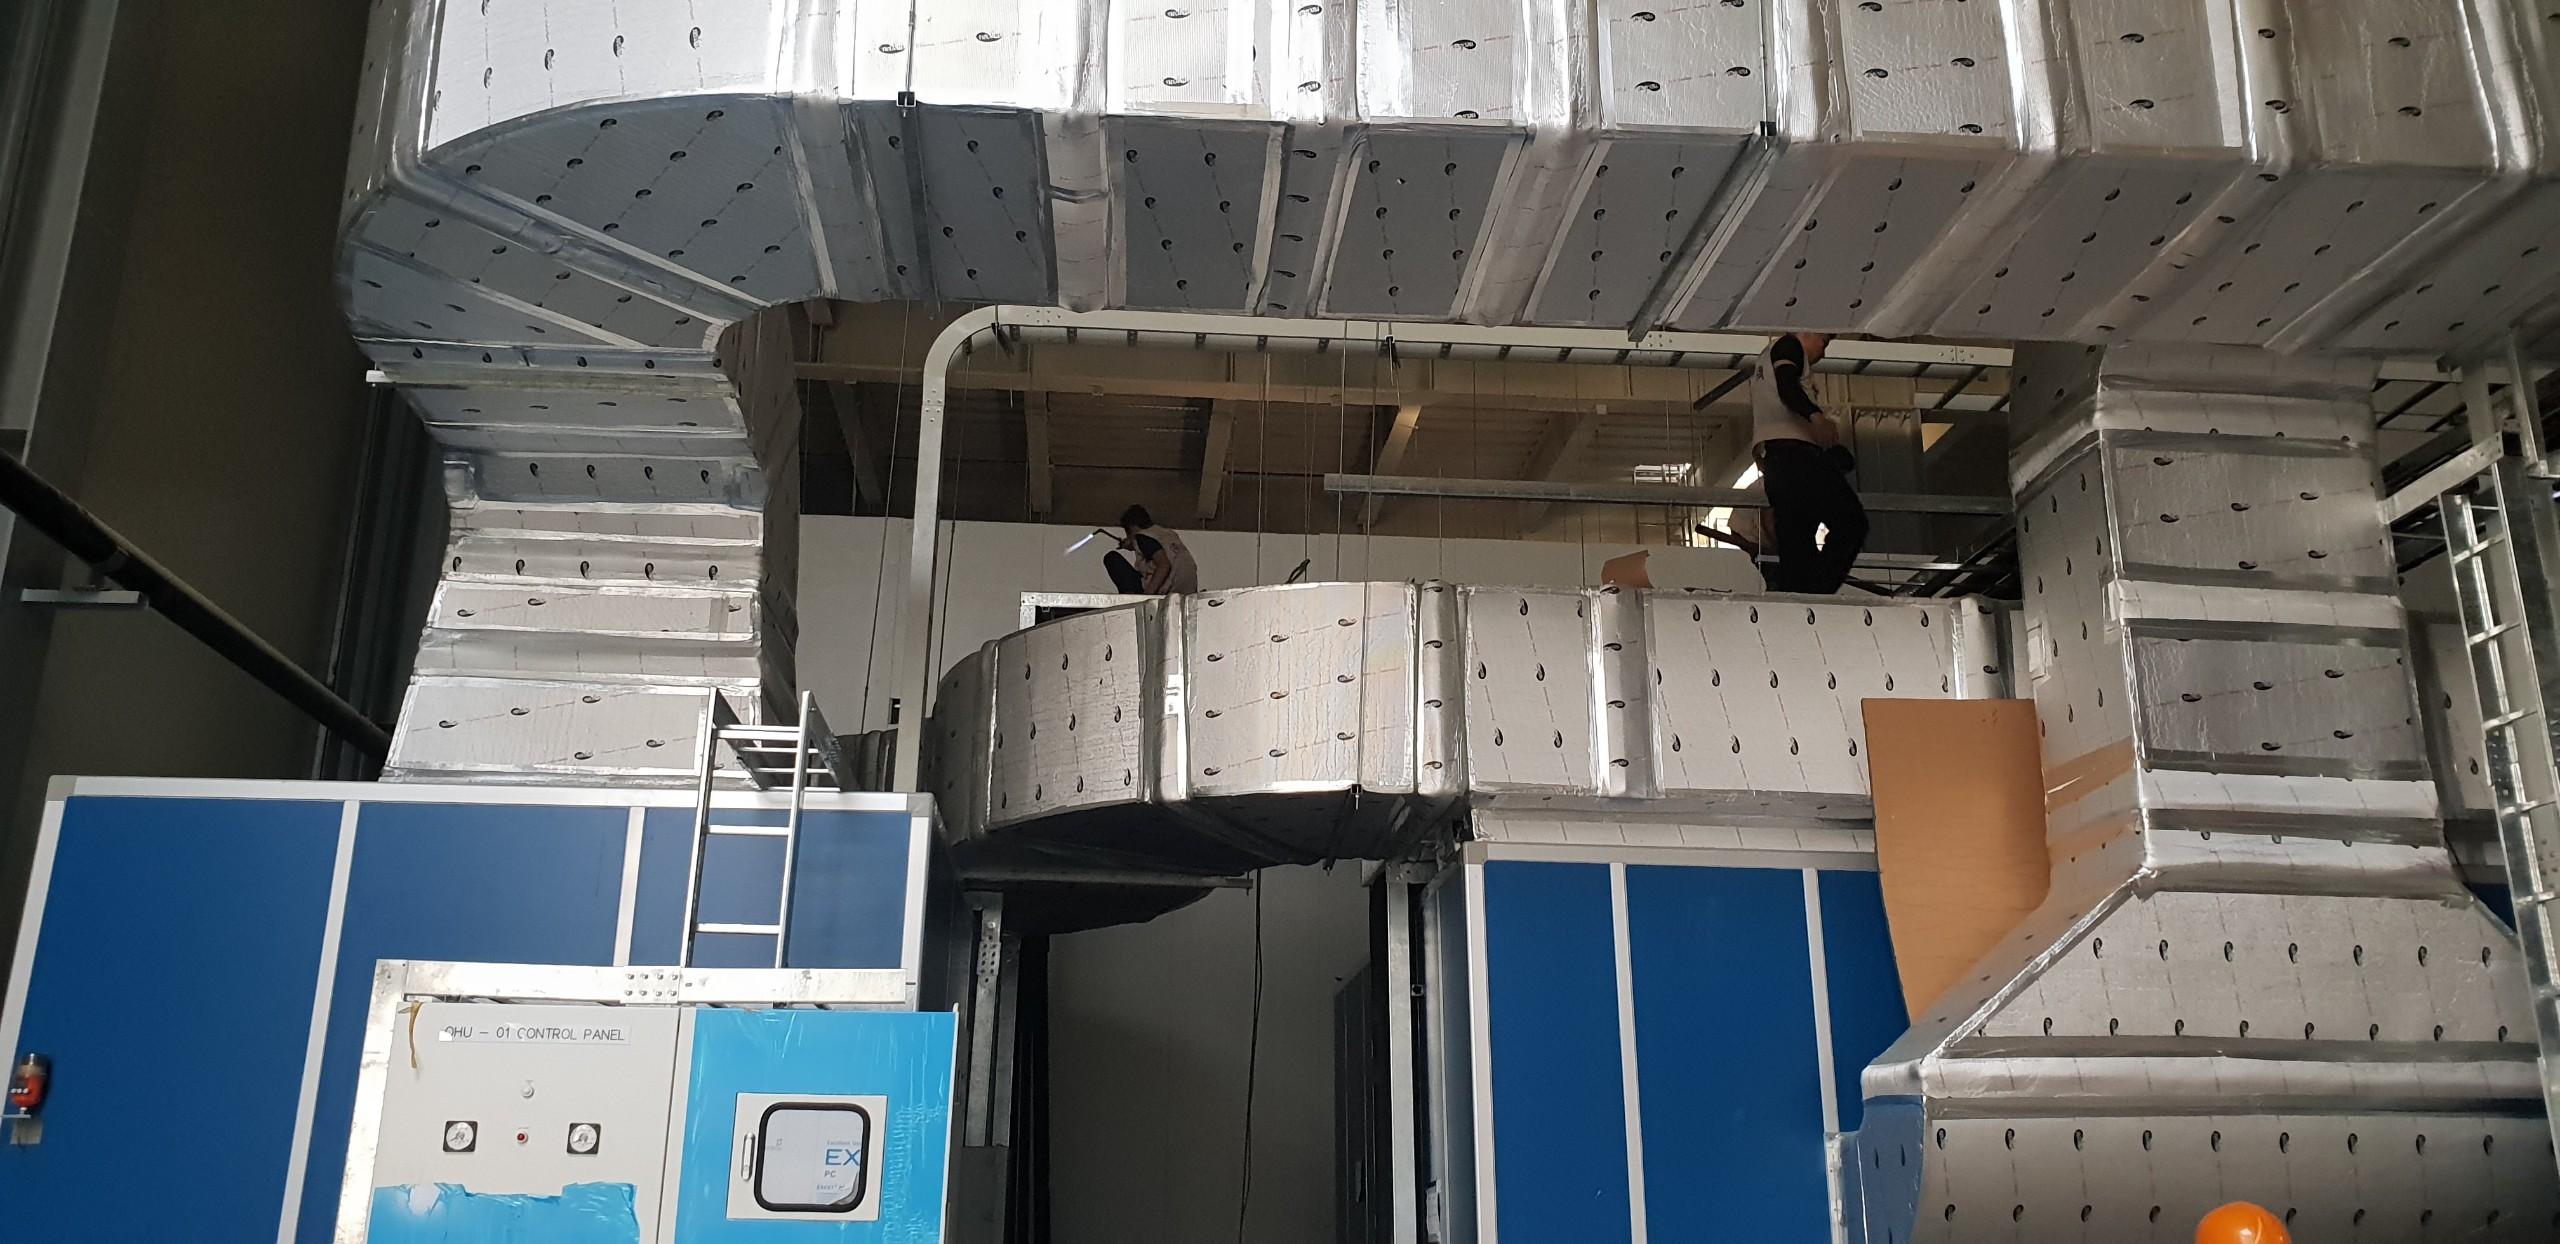 3 loại inox đang dùng làm thang cáp hiện nay